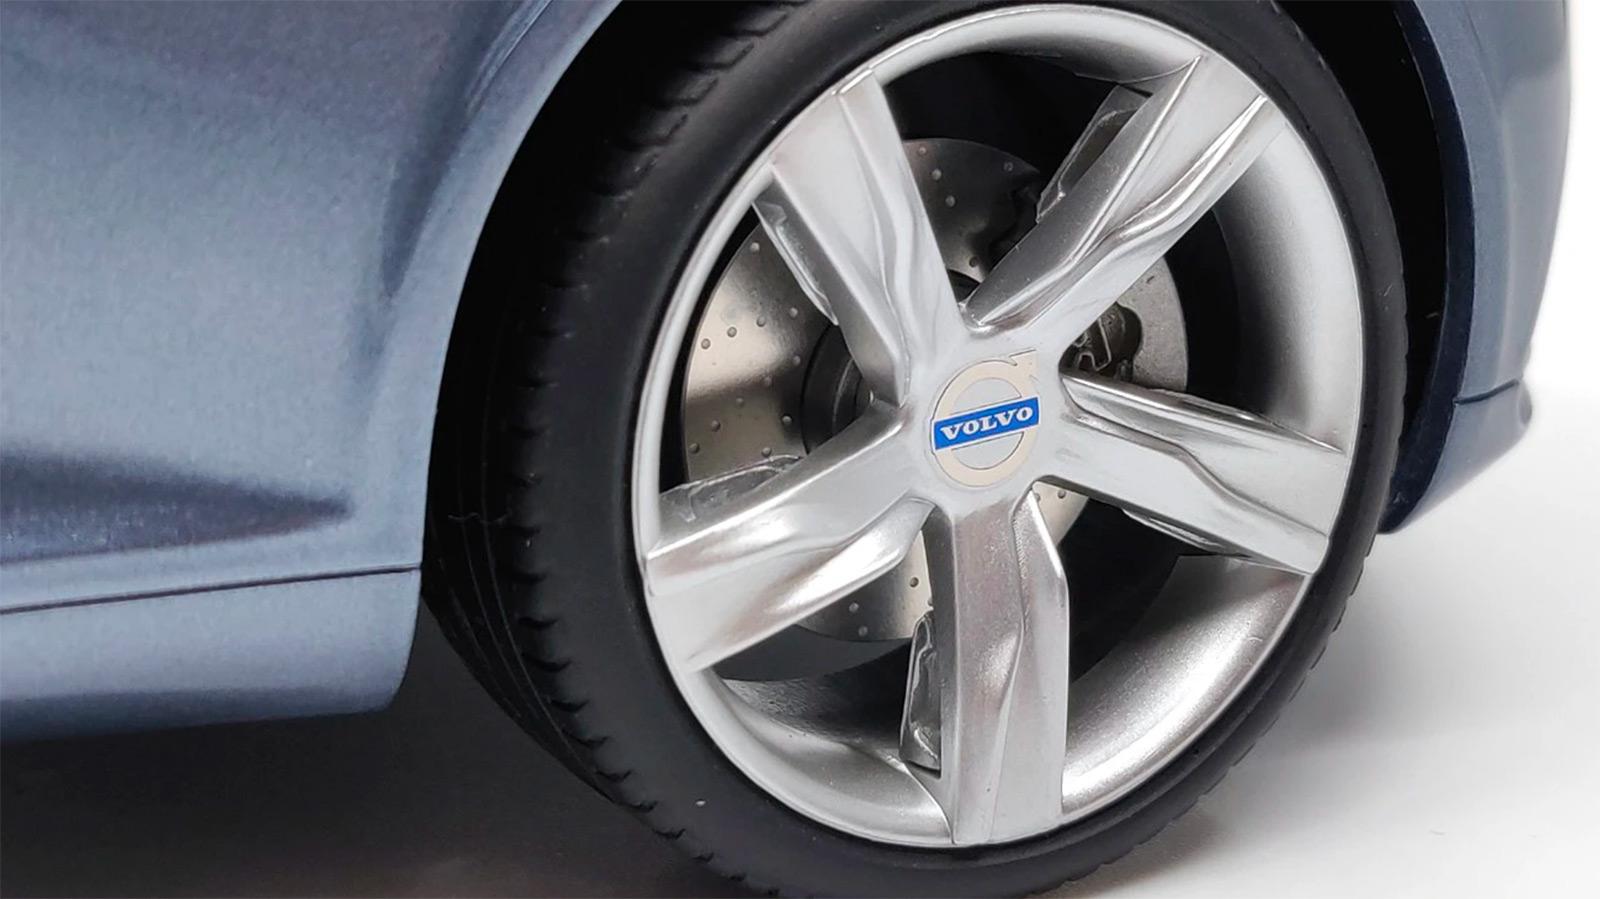 Jantes de la Volvo Concept Coupé DNA Collectibles 1/18